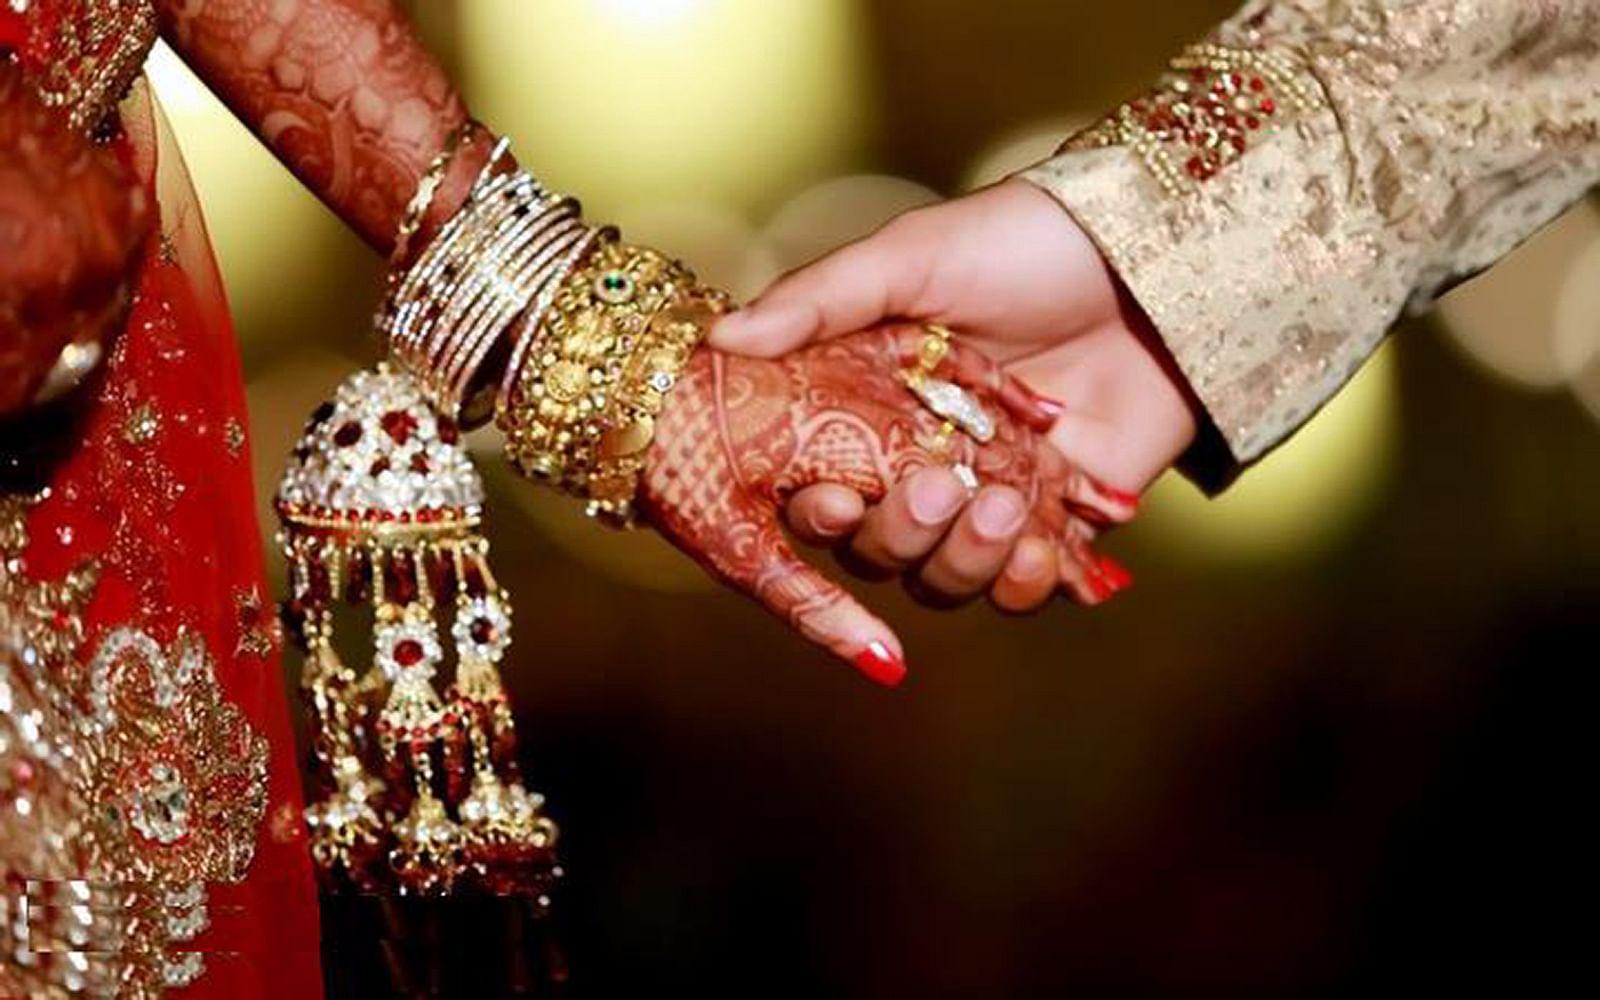 कोतवाली क्षेत्र के एक गांव में फिल्मी अंदाज में युवती का अपहरण का युवक फरार हो गए। युवती से शादी करने के लिए युवक ने उसका अपहरण कर लिया।